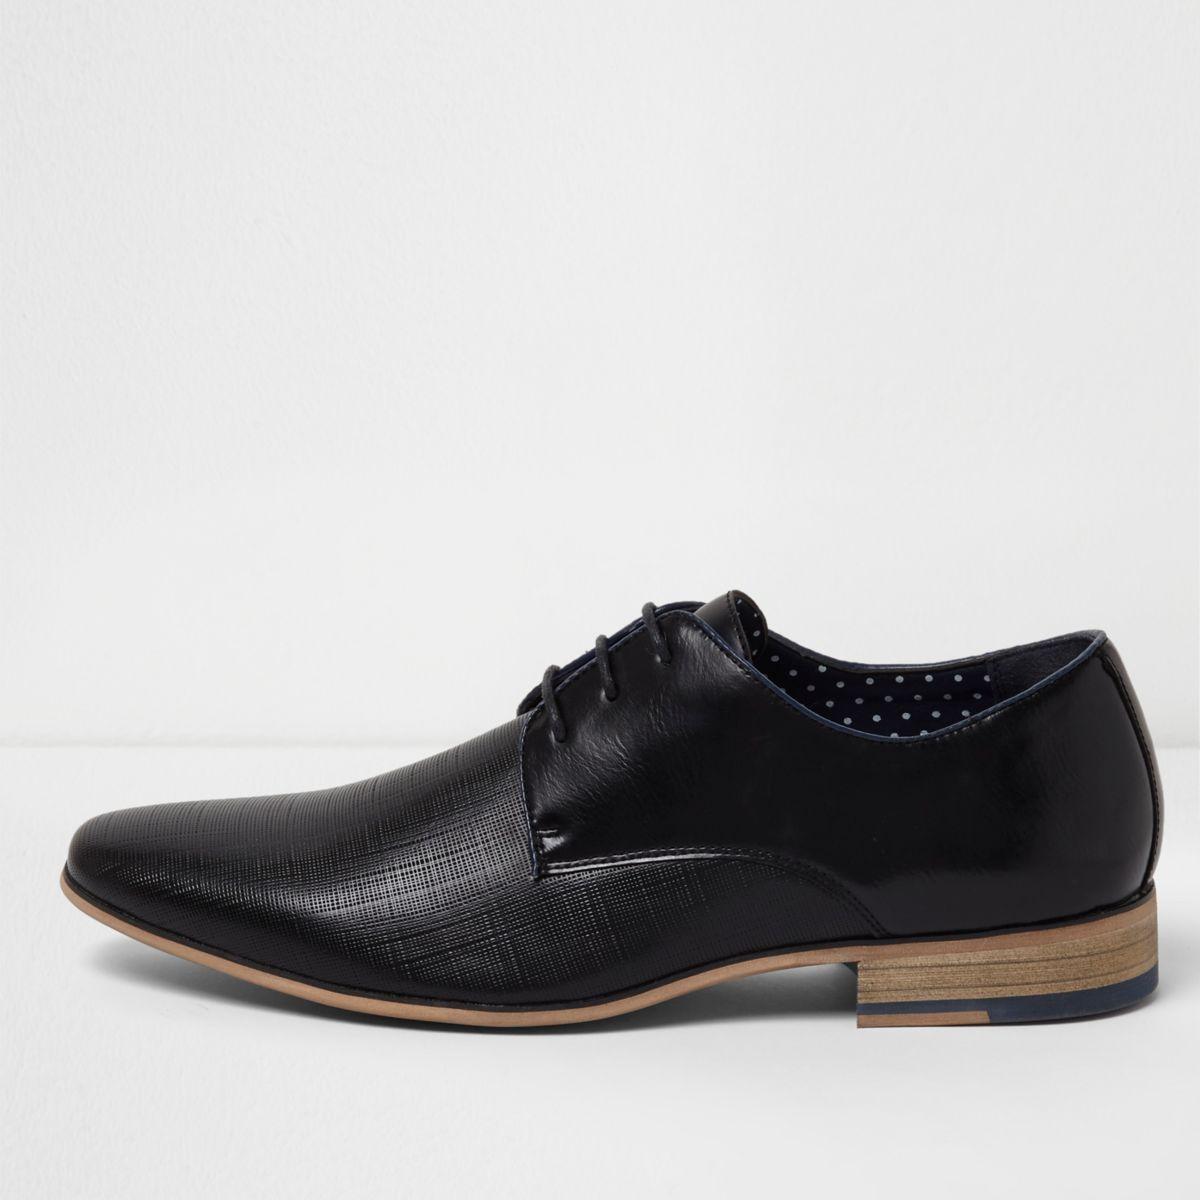 Schwarze, formelle Schnürschuhe